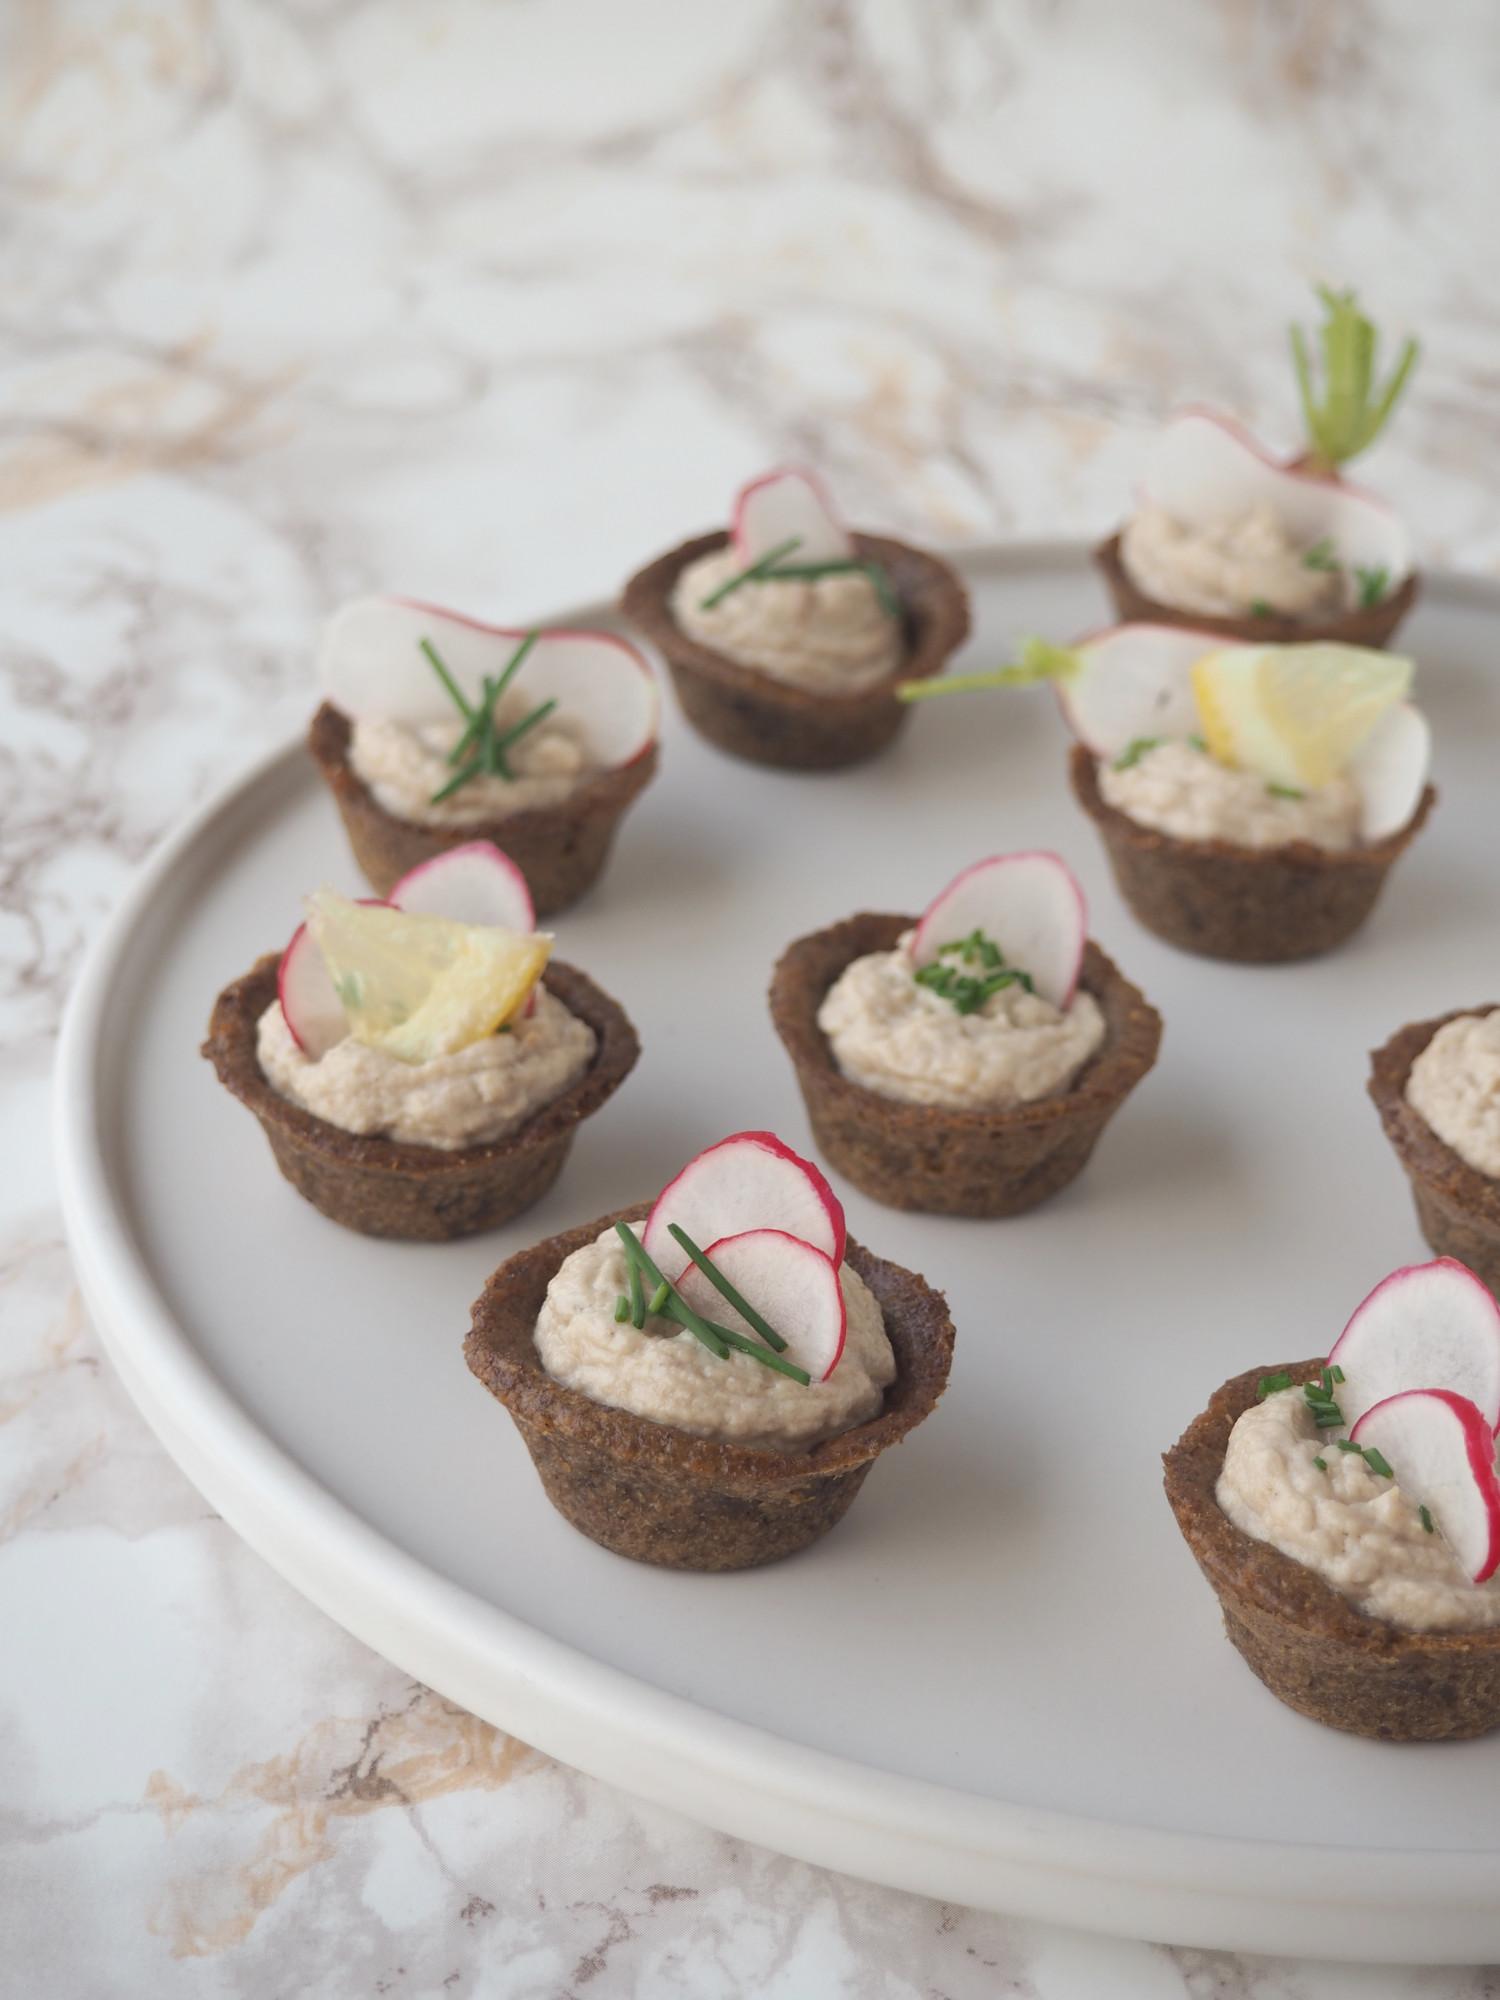 Rugbrødstarteletter med røget makrelmousse - snacks ala beksemad